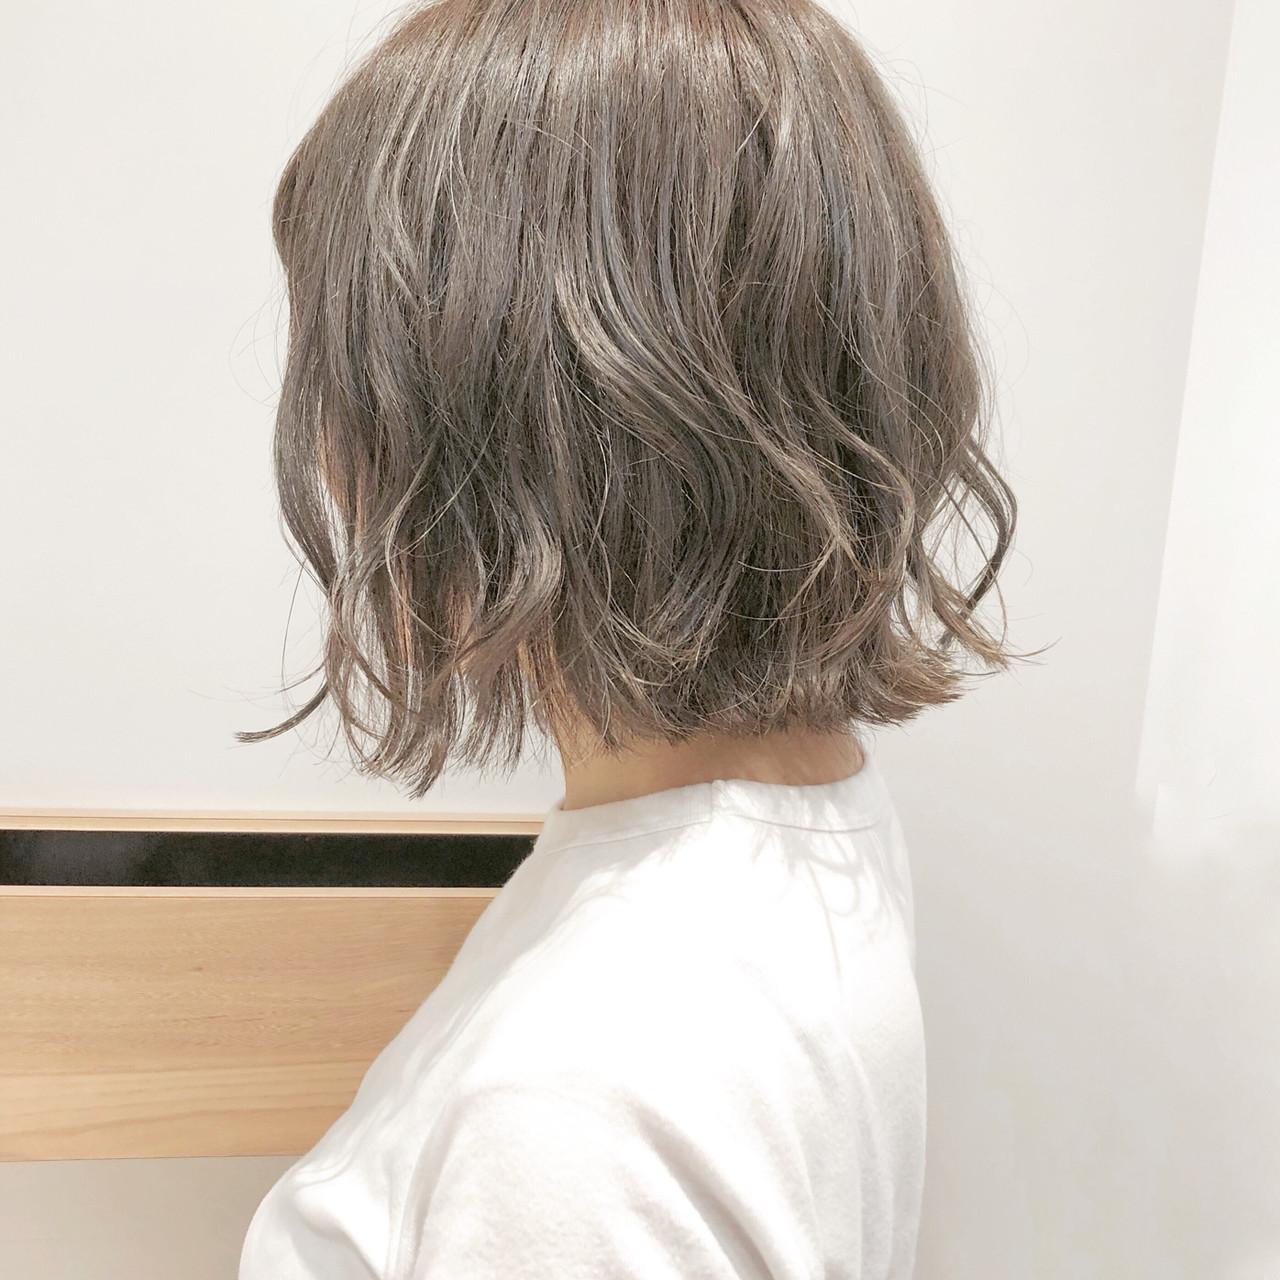 ナチュラル ショートボブ 切りっぱなしボブ ショートヘア ヘアスタイルや髪型の写真・画像